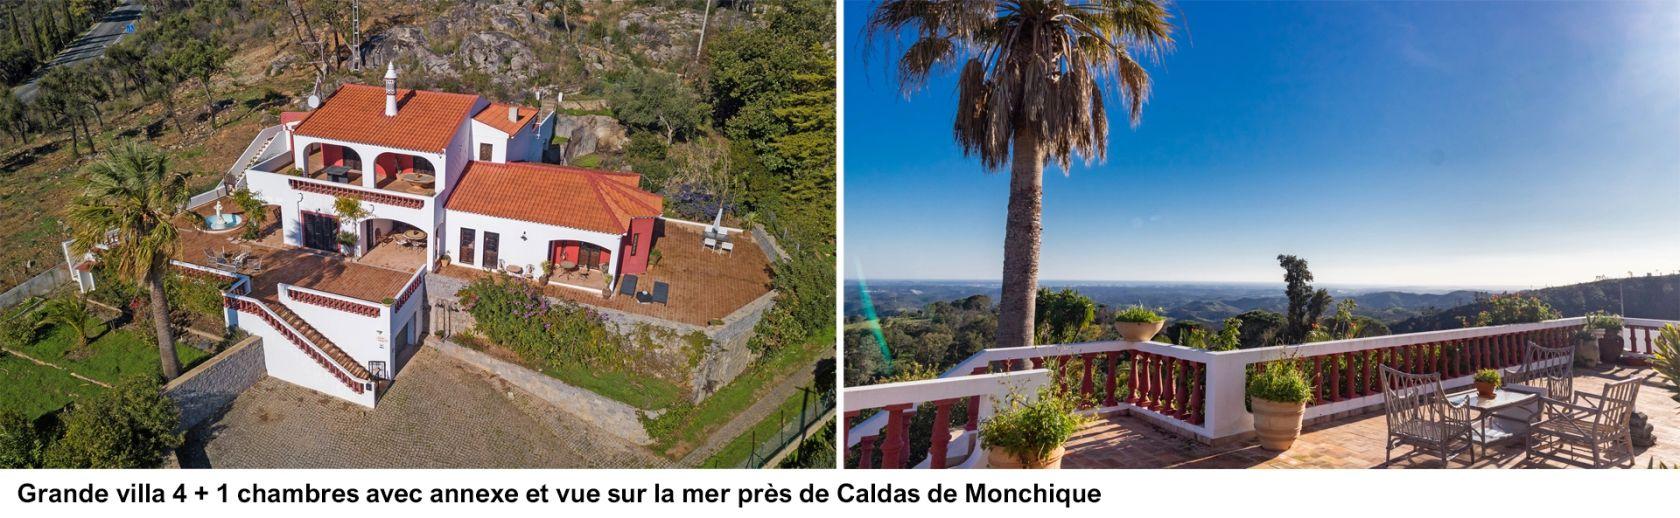 LG1563 - Grande villa 4 + 1 chambres avec annexe et vue sur la mer près de Caldas de Monchique